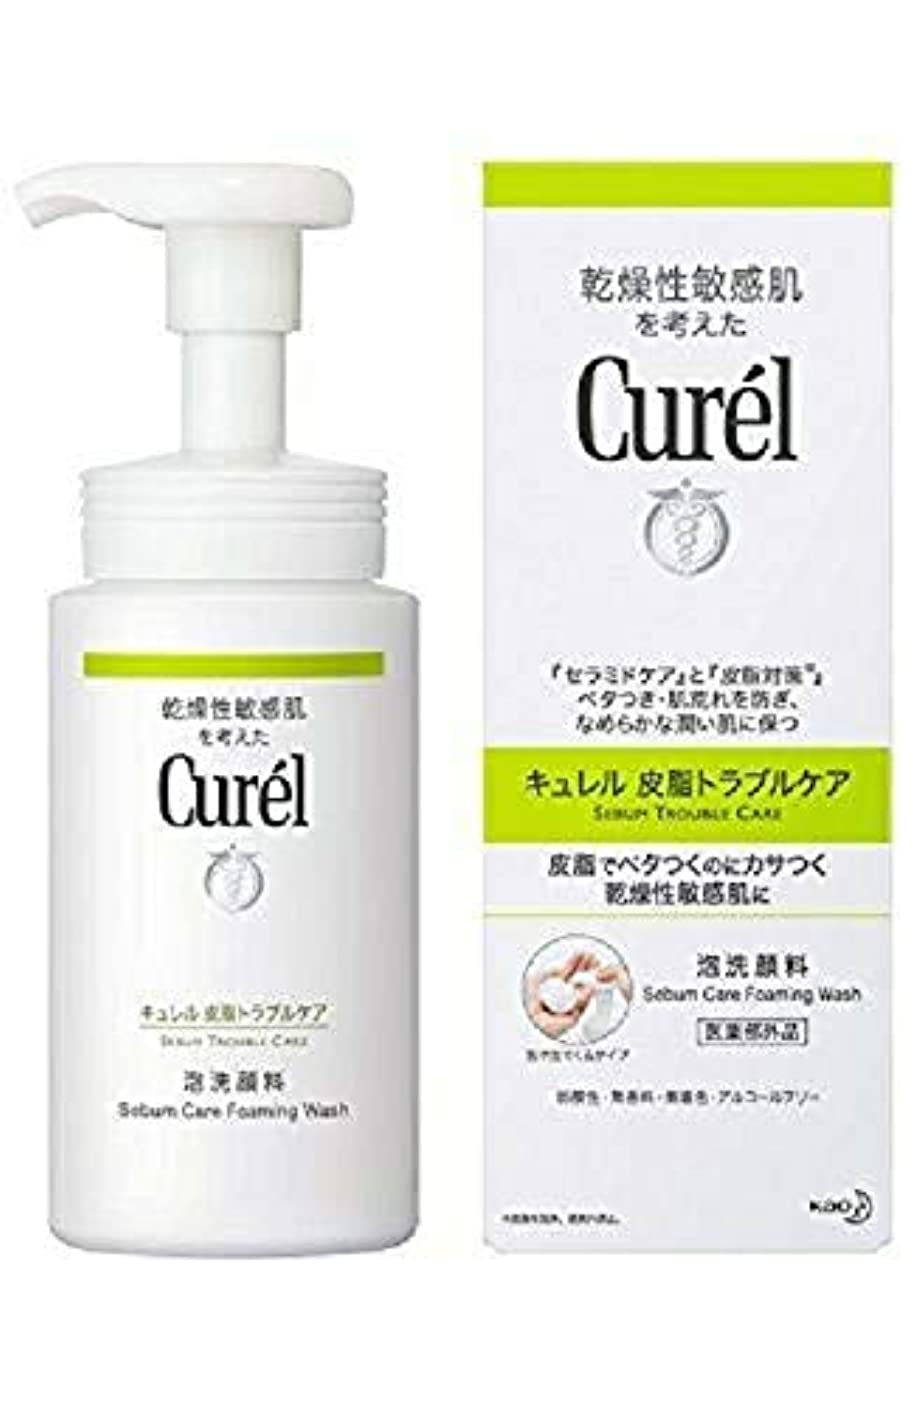 ソートバズ文字Curél キュレル皮脂皮脂トラブルケア泡風呂ゲル150ミリリットル-skinケア洗浄後にタイトではない、快適、クールマットになります。